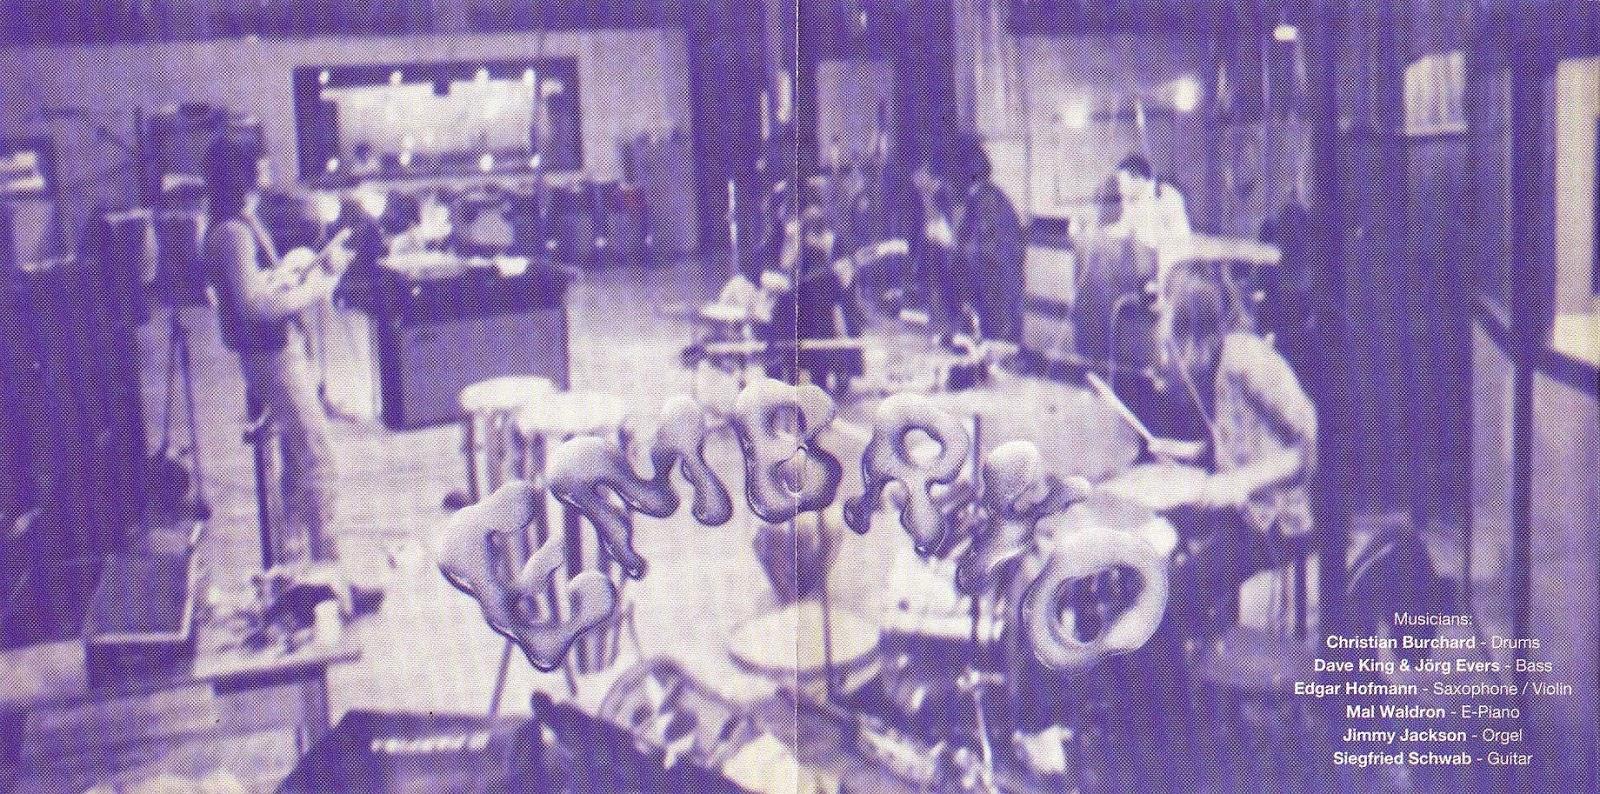 Embryo en las sesiones del Rocksession que es la misma alineación de musicos que en Steig Aus.